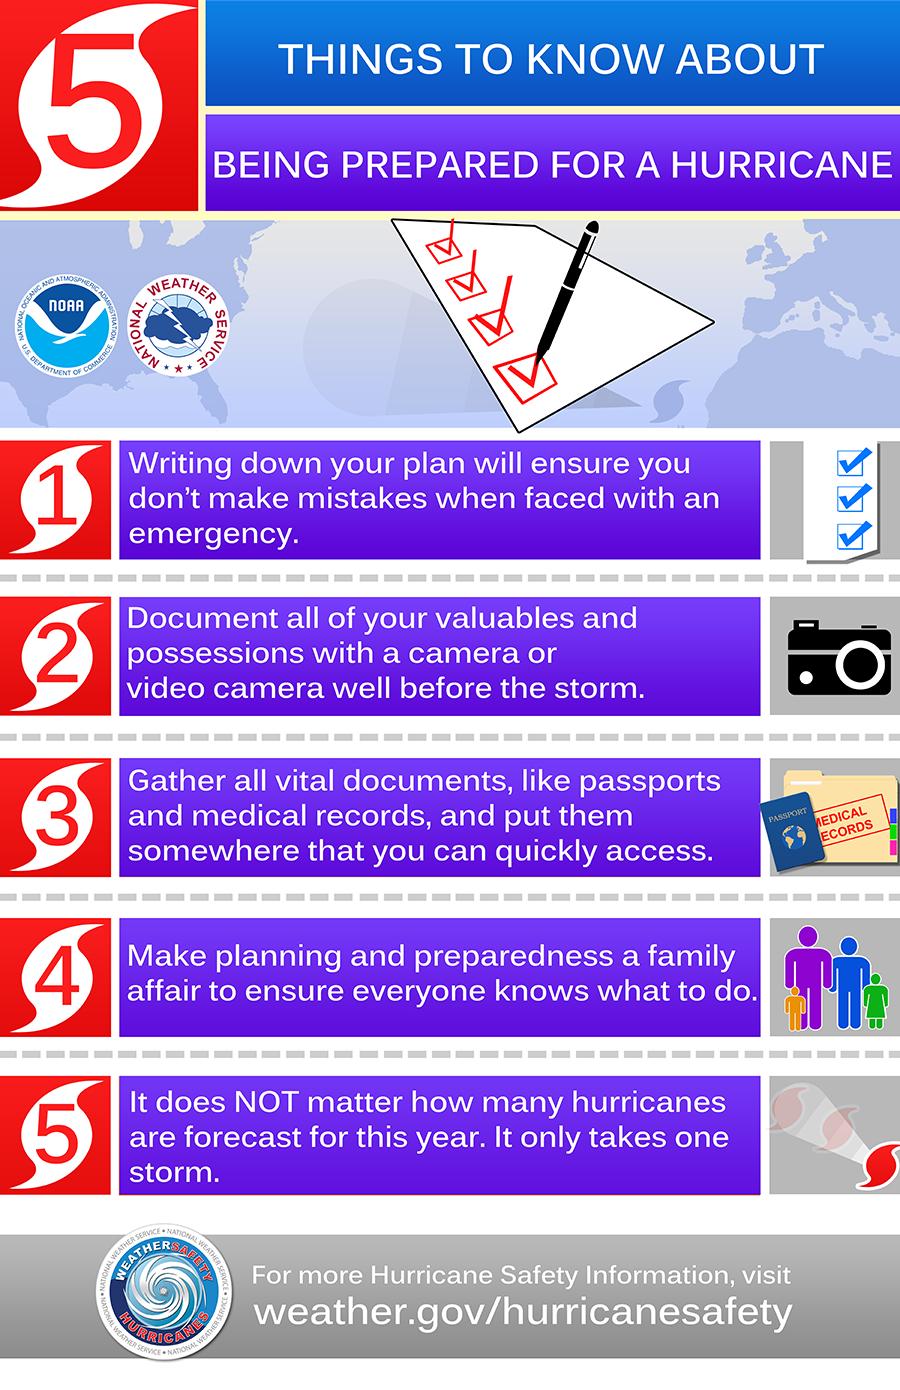 Hurricane_Prepare_4-4-16